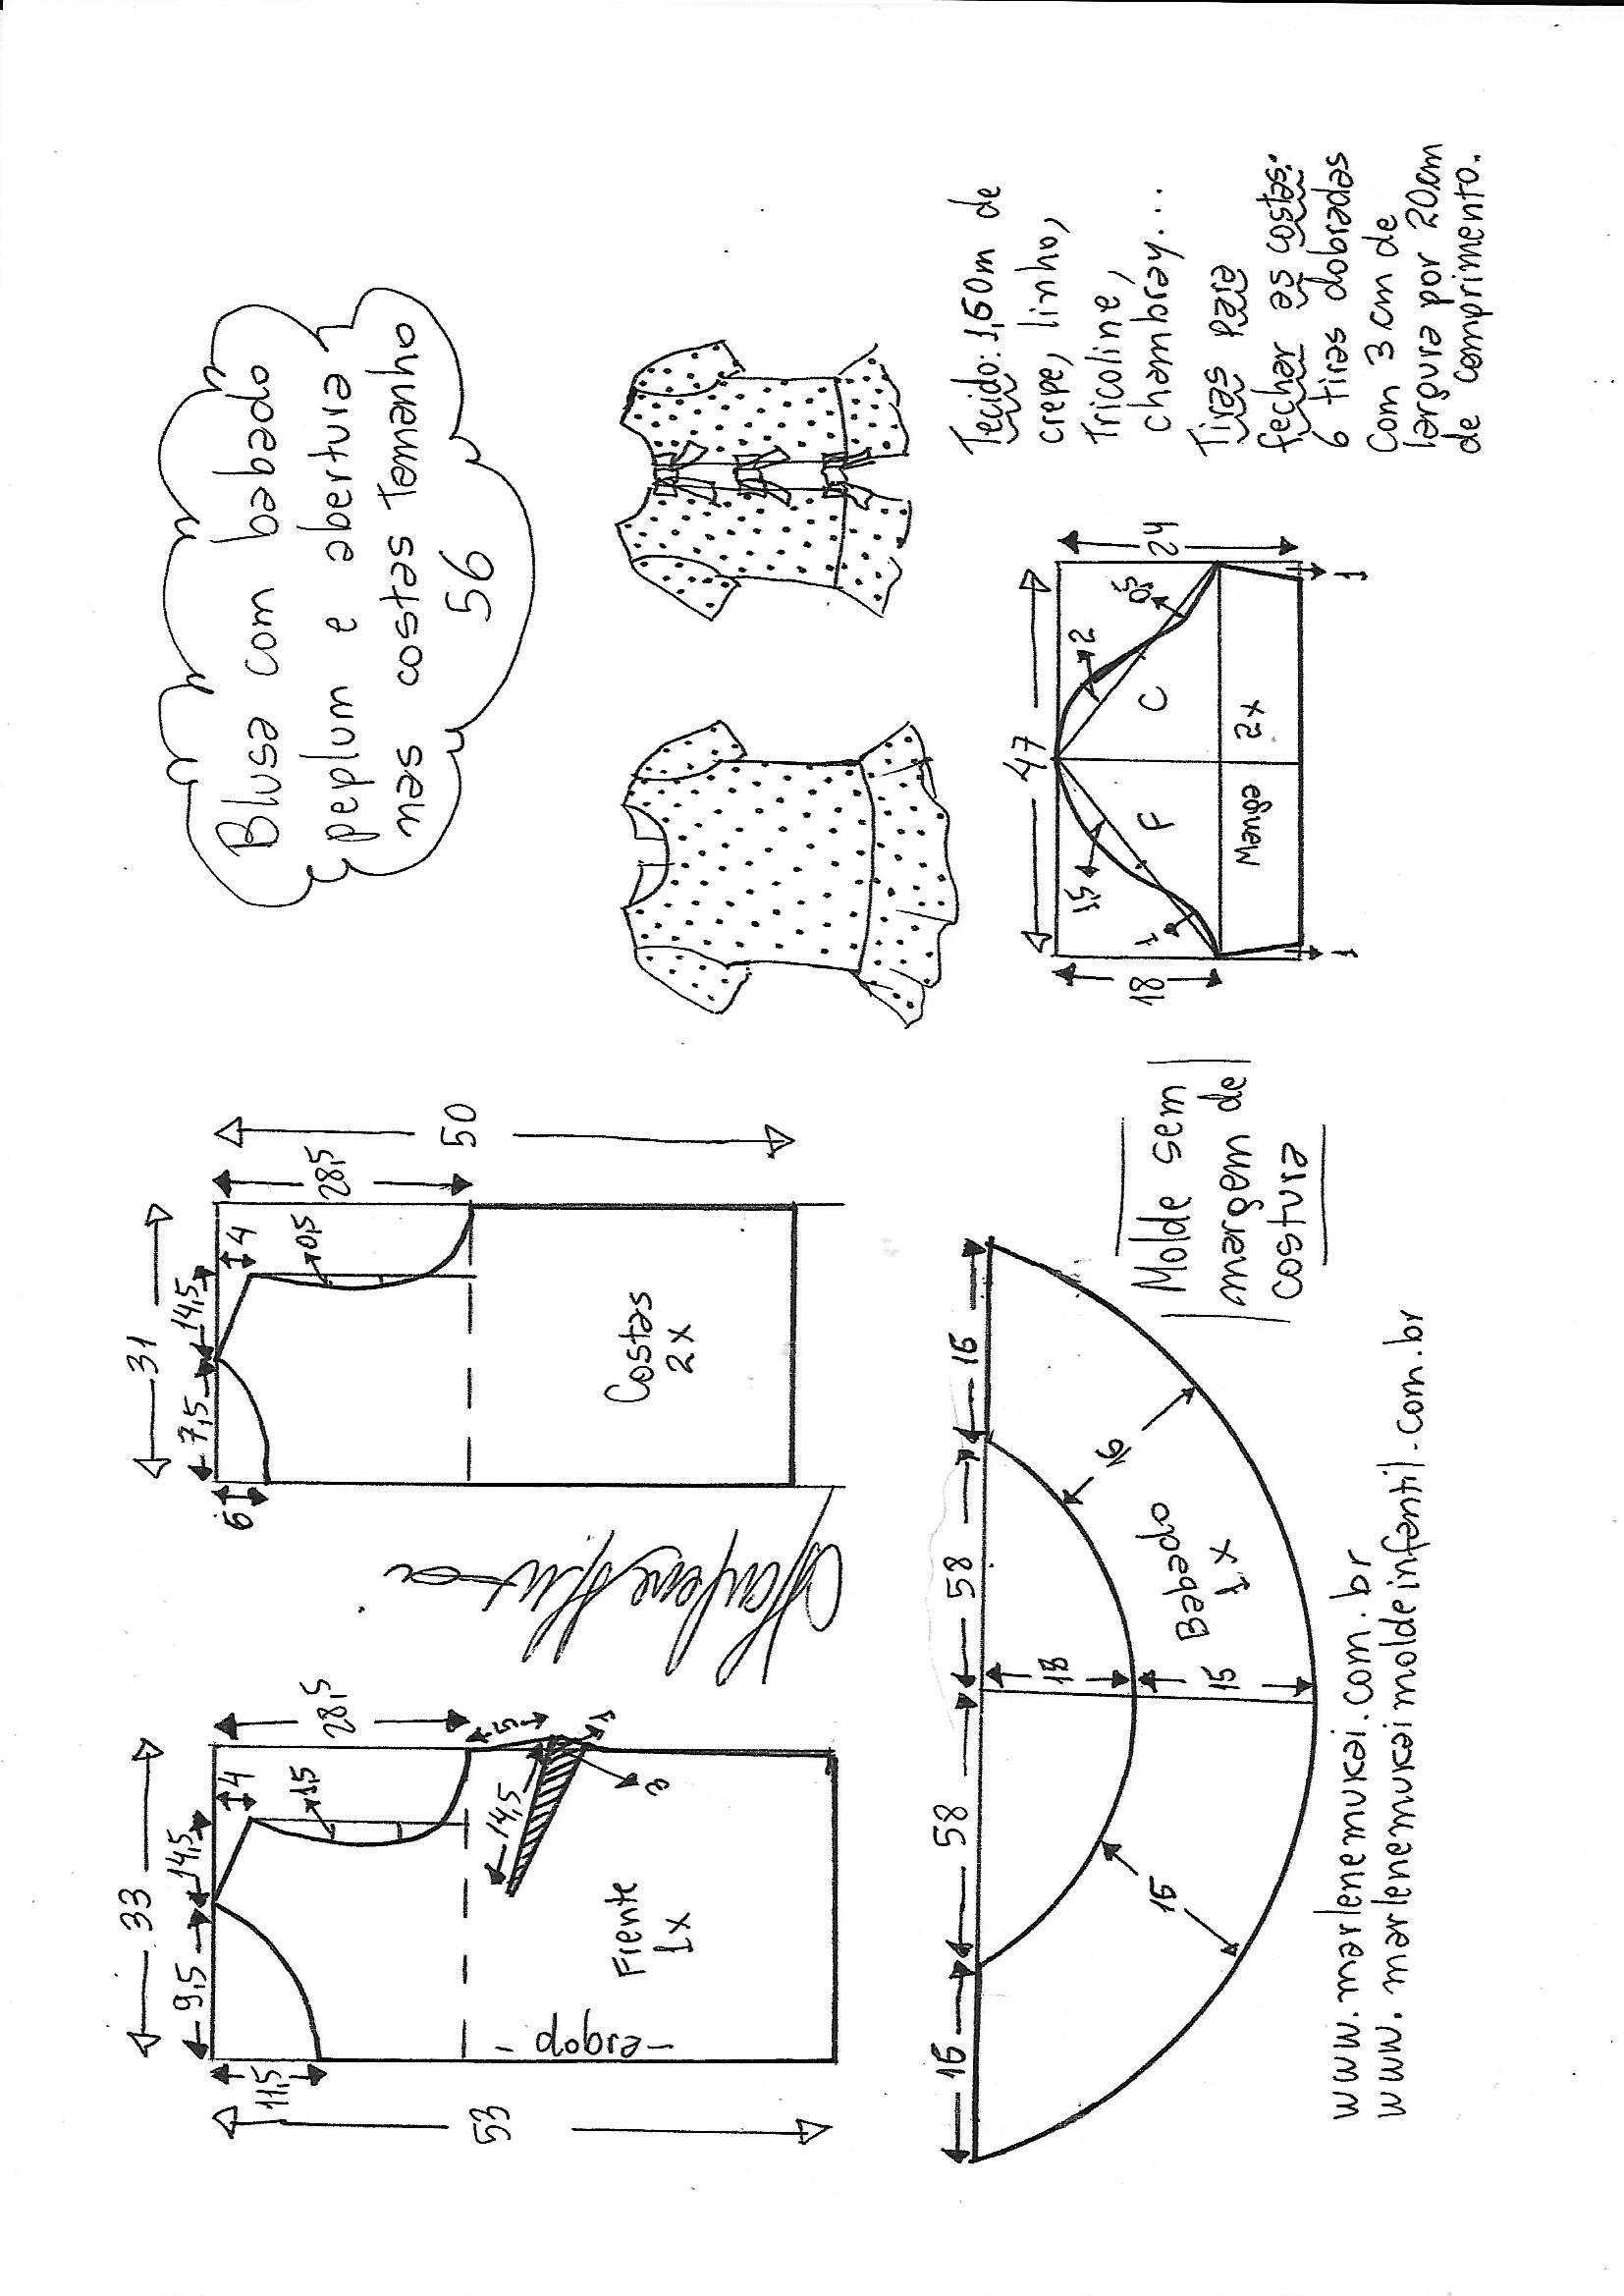 Pin de Ana Maria en blusas | Pinterest | Patrones, Molde y Costura